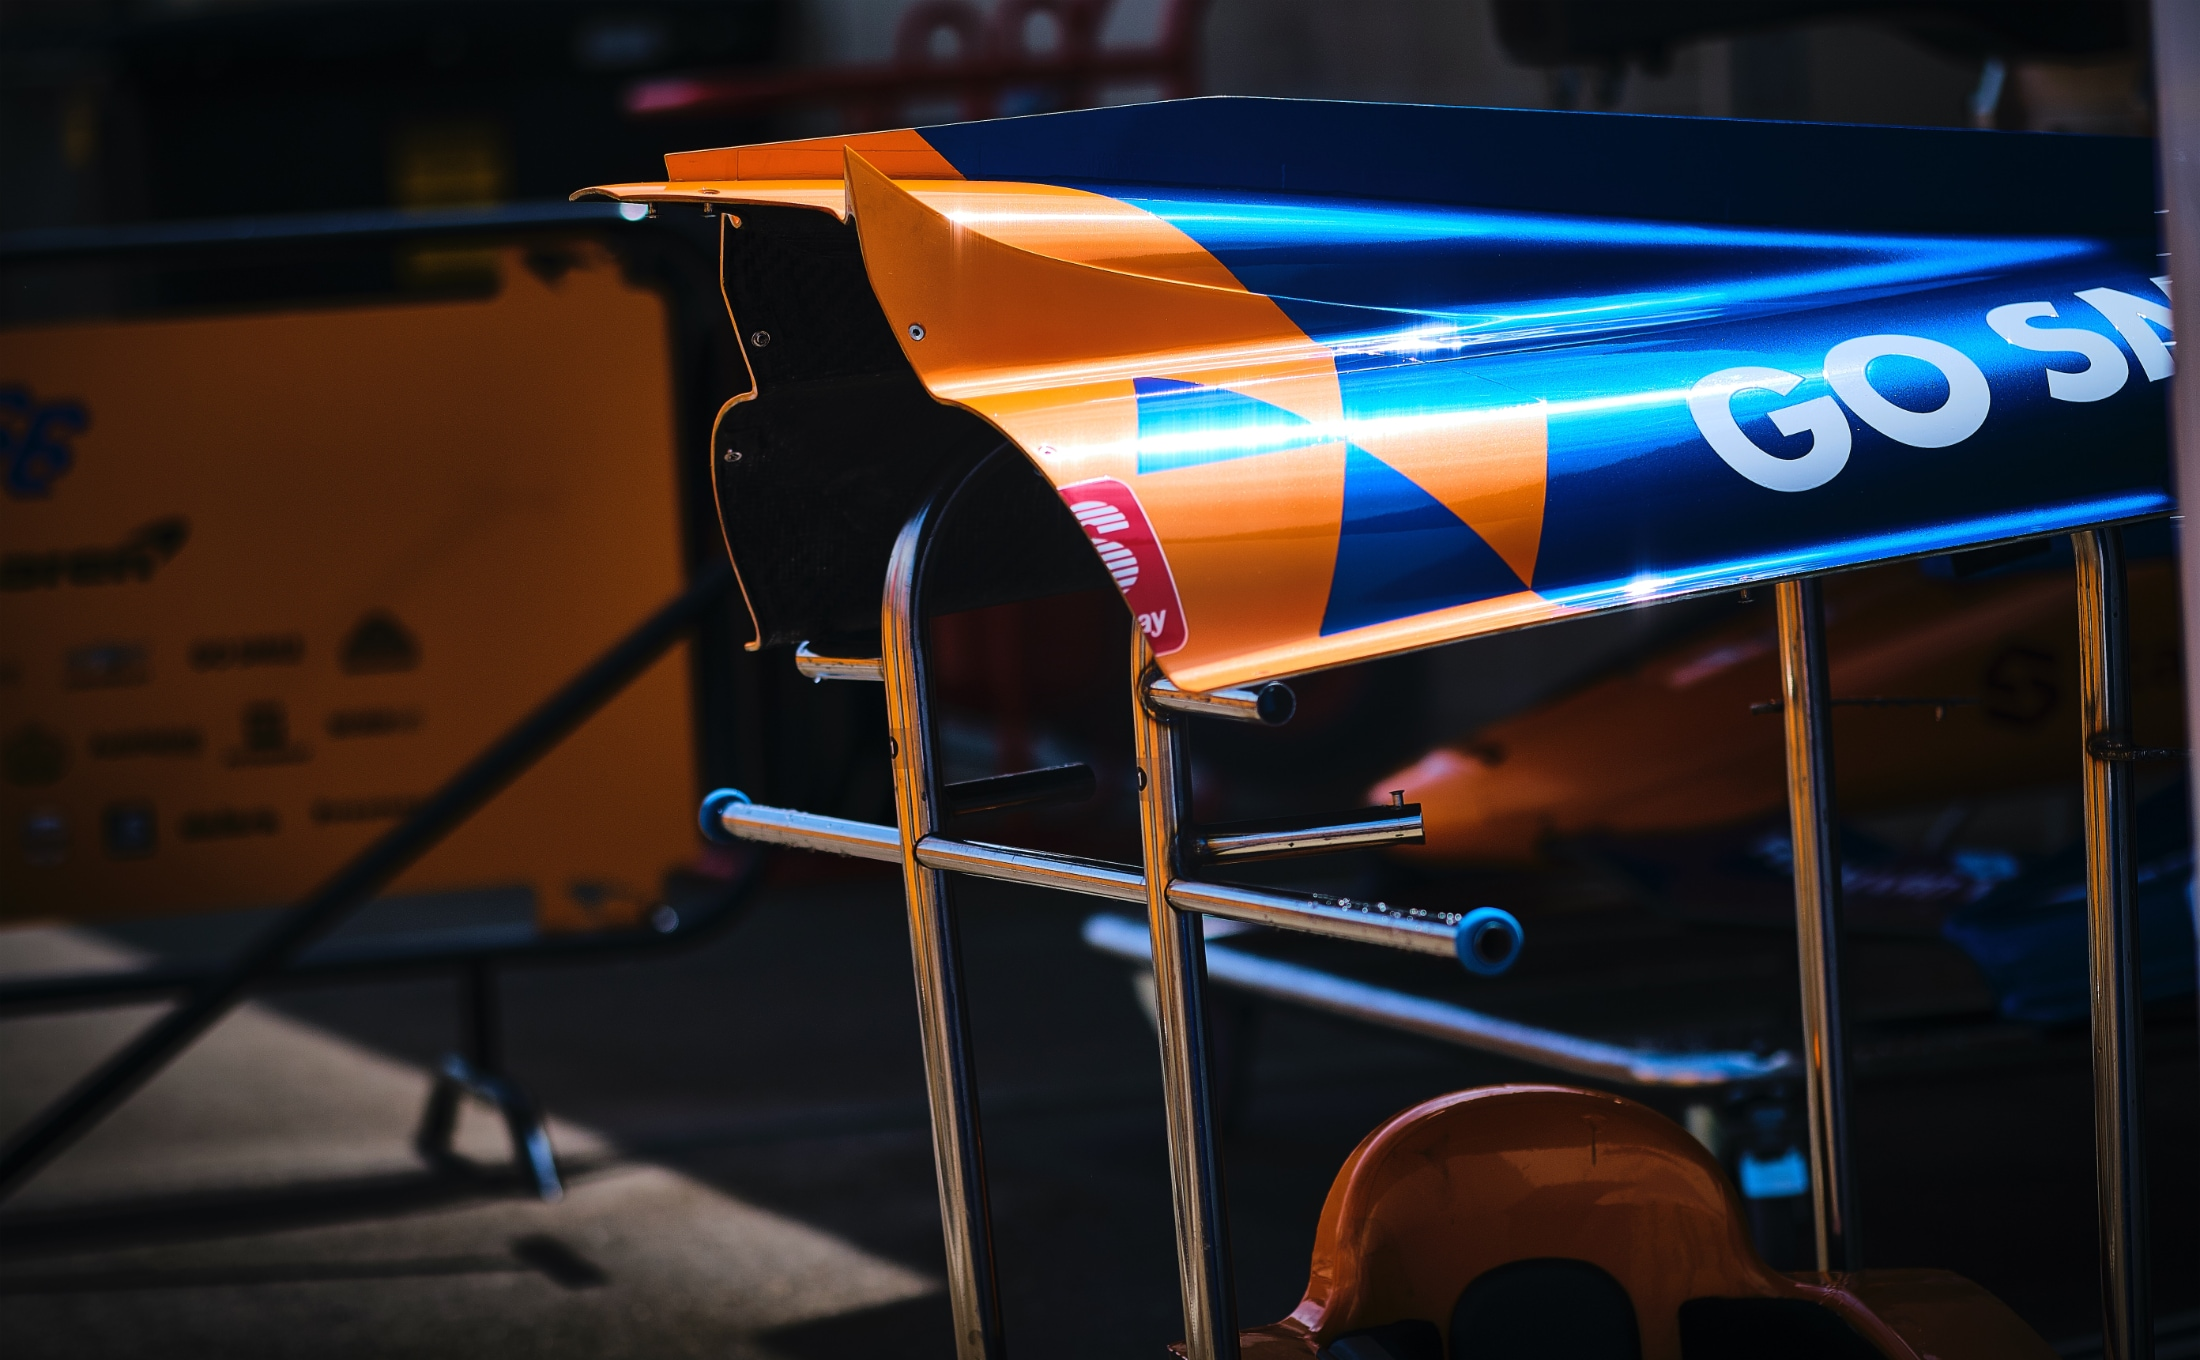 McLaren IndyCar aero kit bodywork at Indy 500